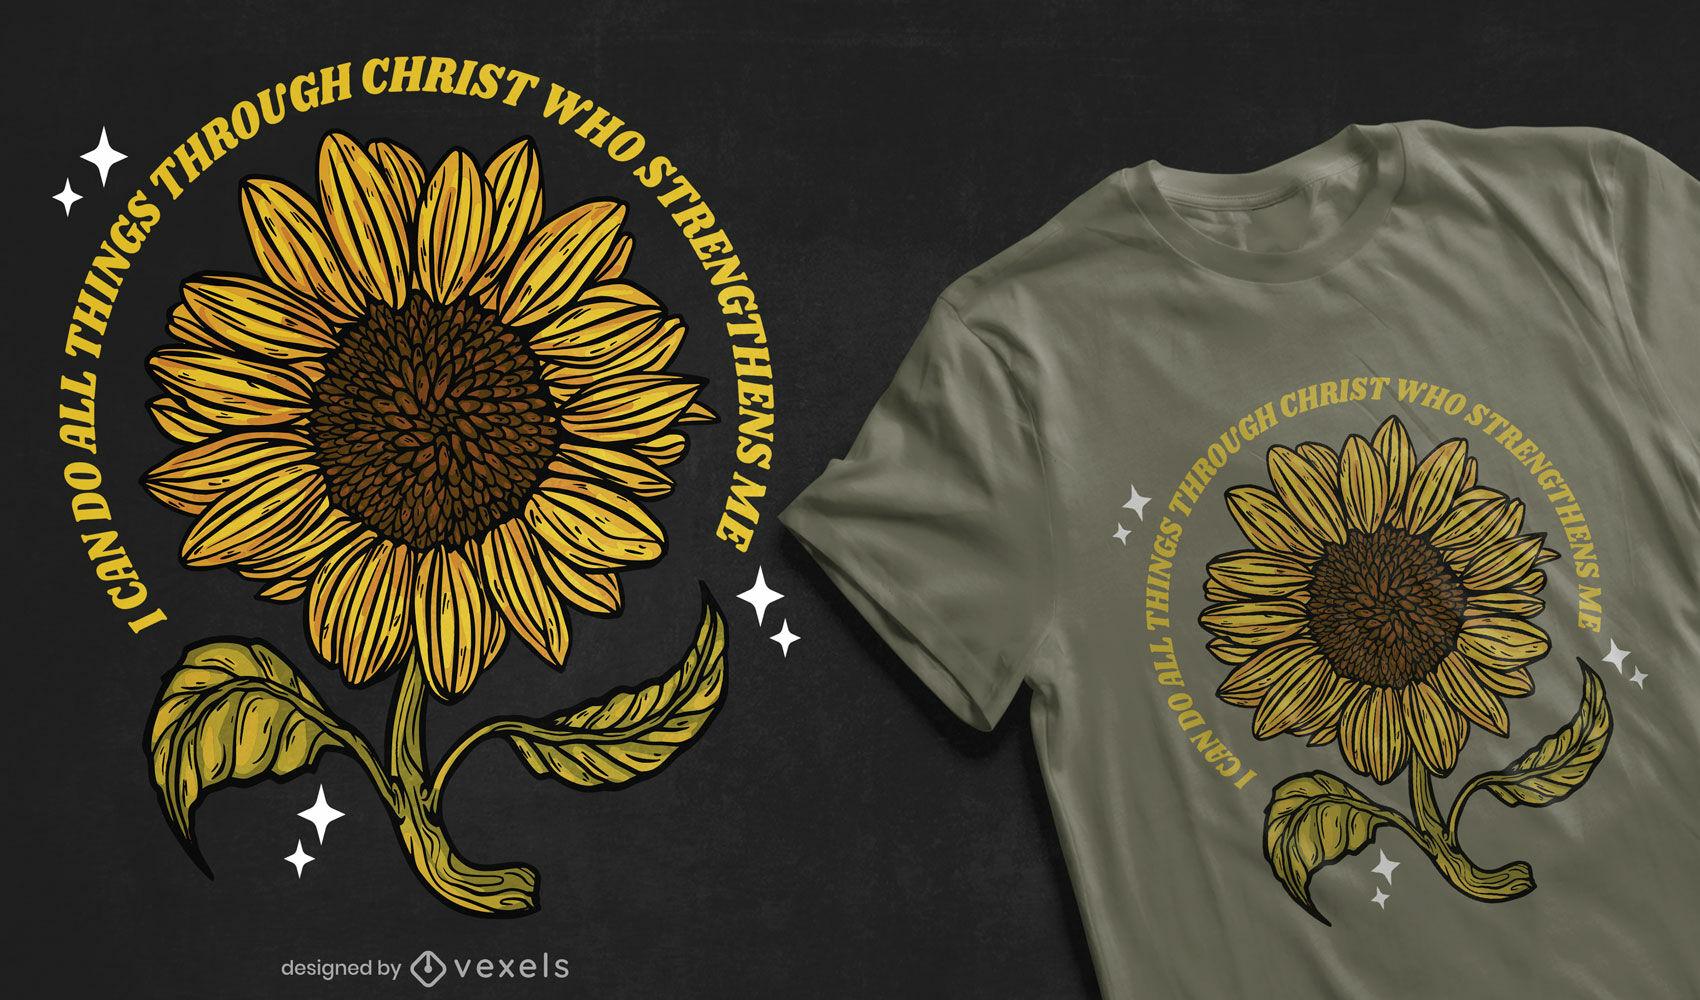 Diseño de camiseta de girasol con cita de cristo